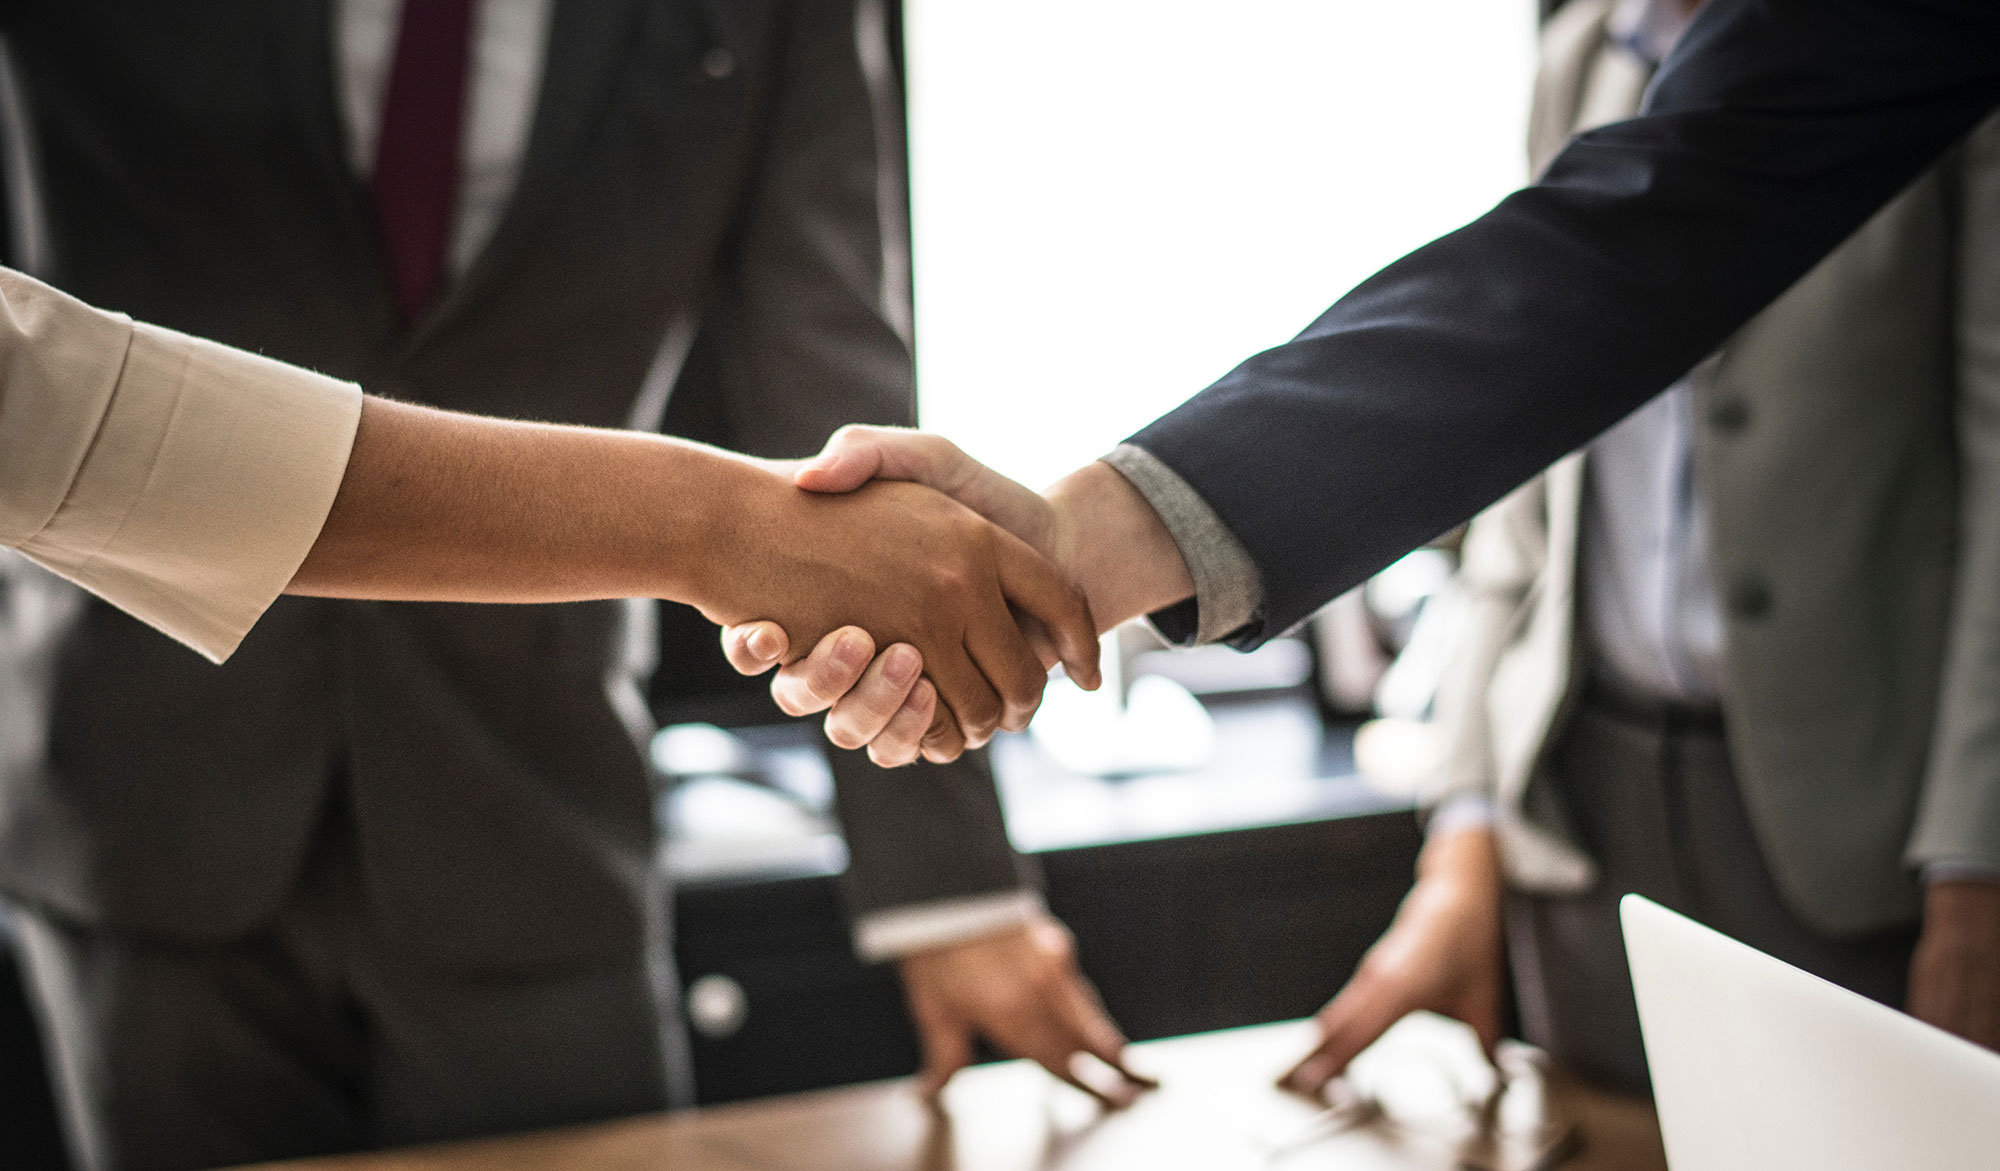 Stavem - Découvrez les produits de nos partenaires